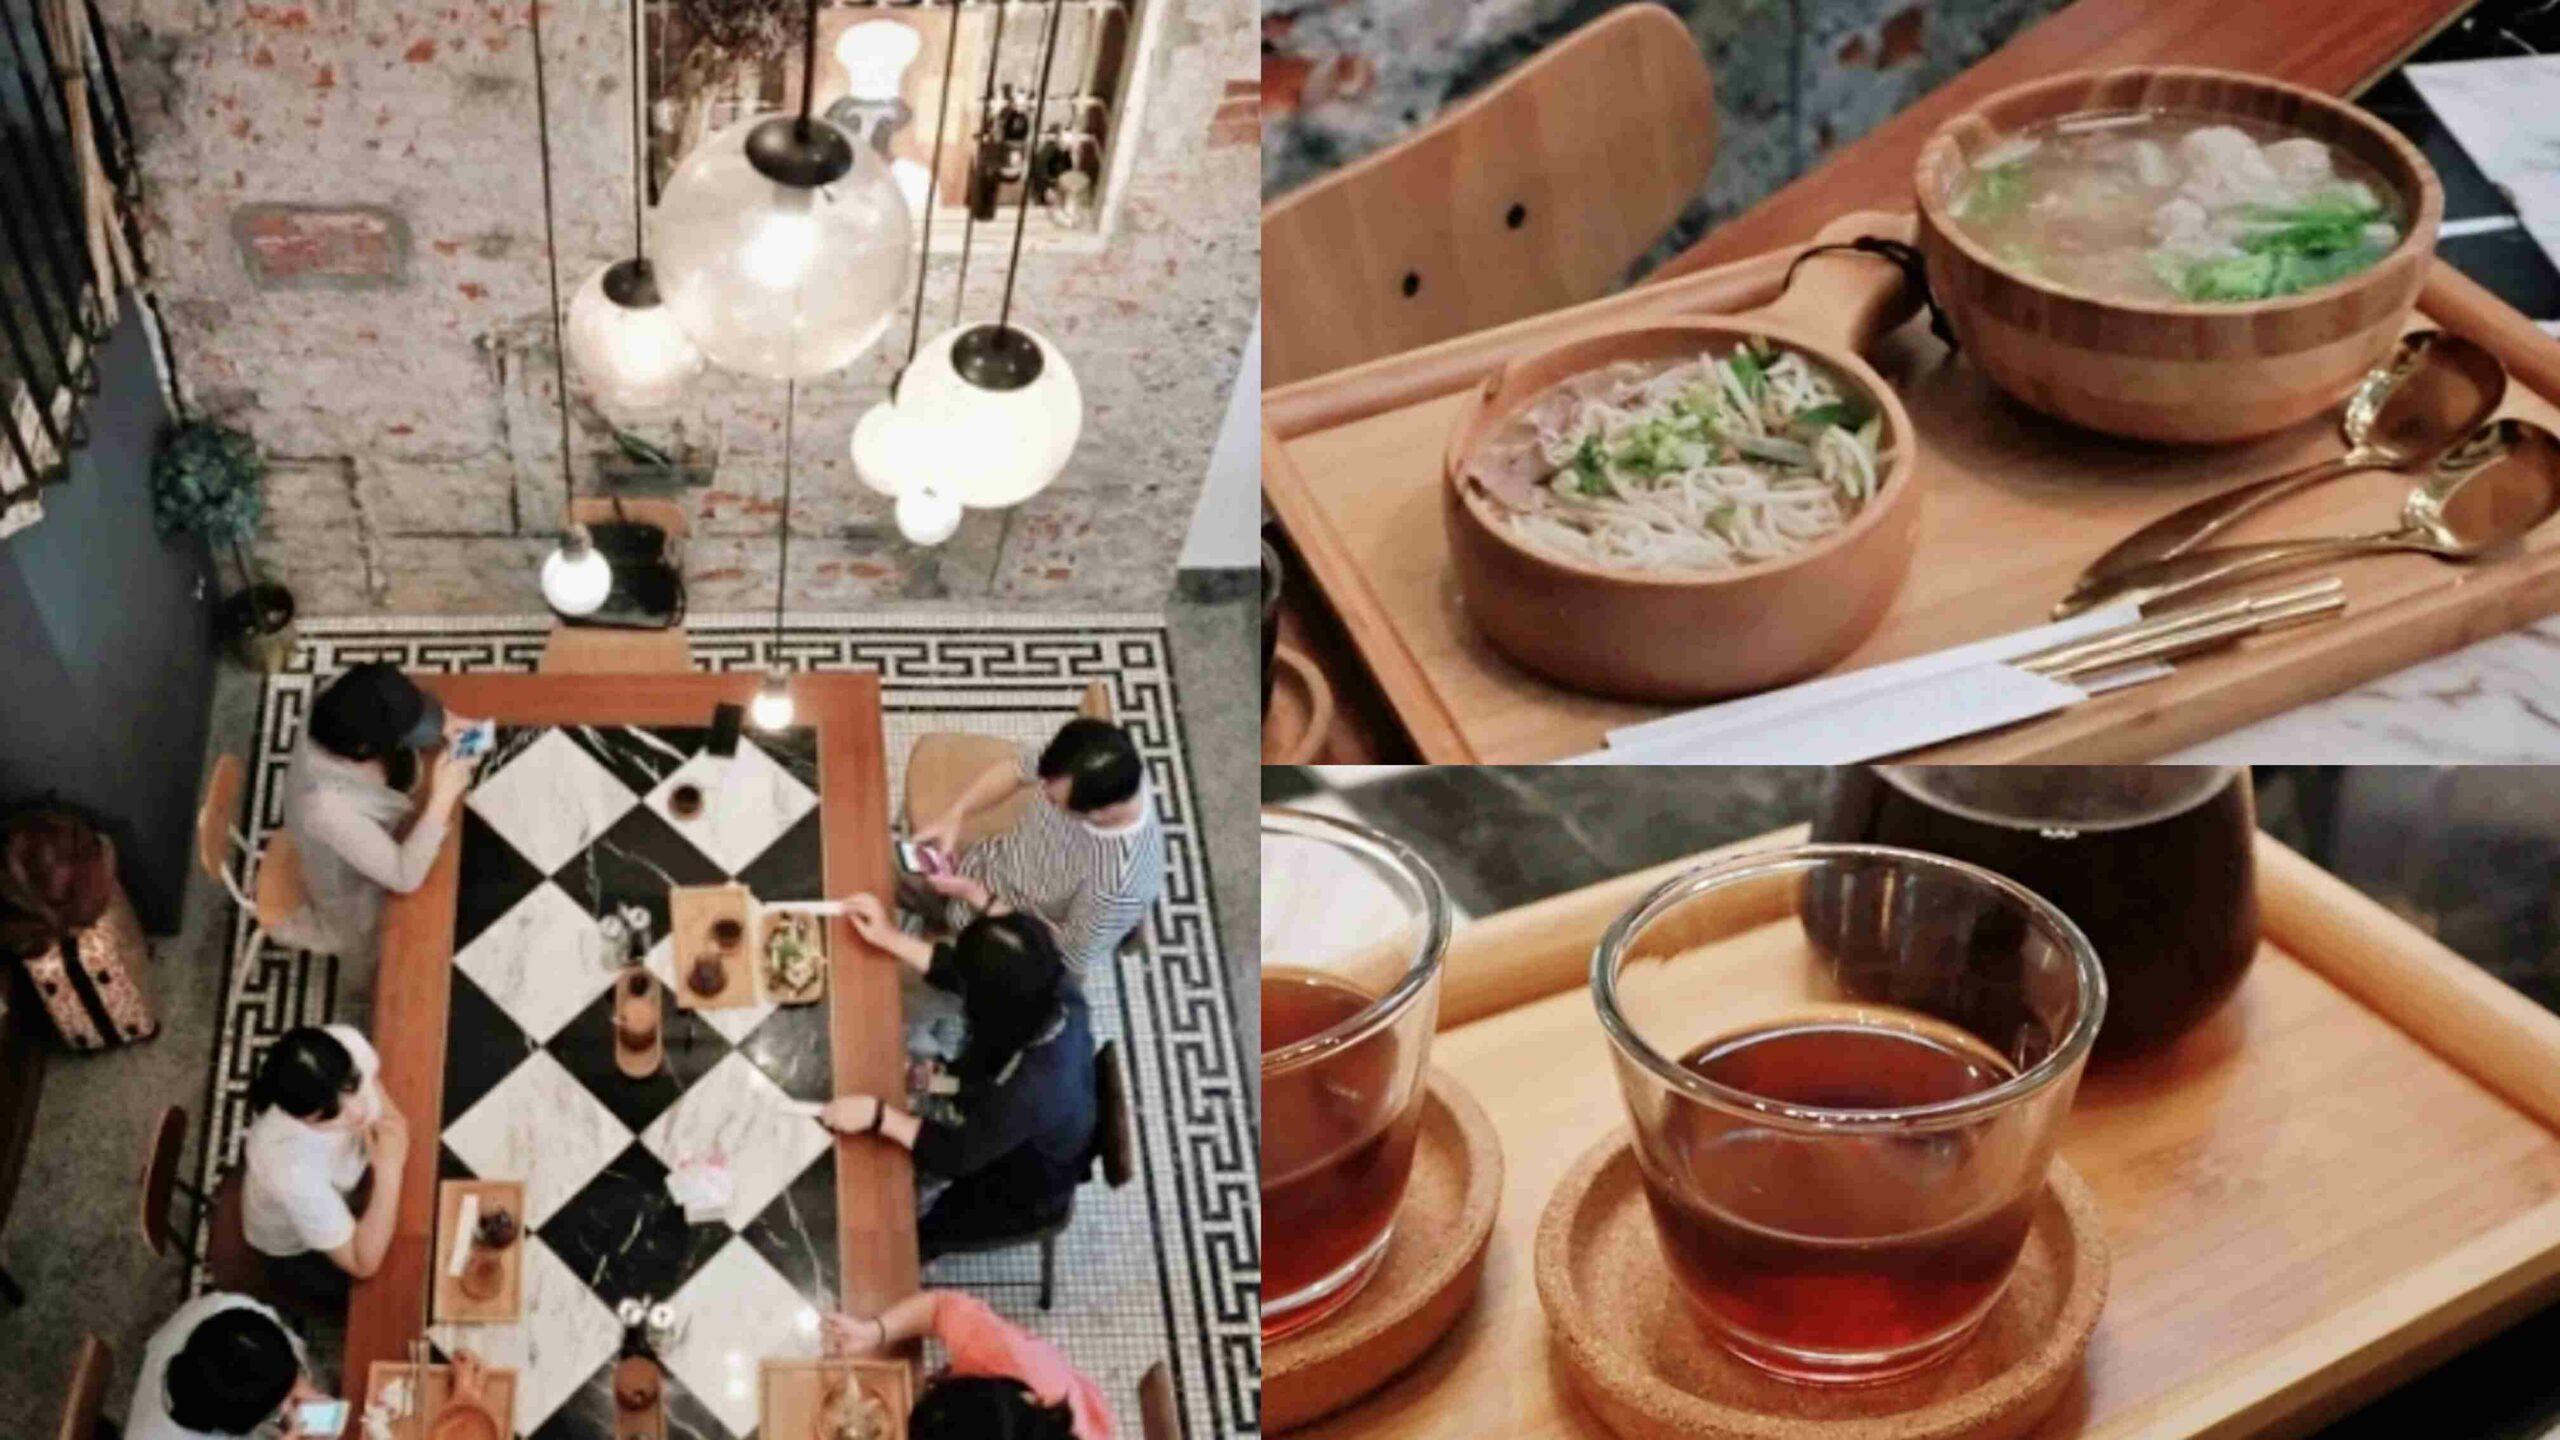 【台南IG美食】葉明致麵舖:全台最美的麵店,平價時髦古早麵鋪 @女子的休假計劃